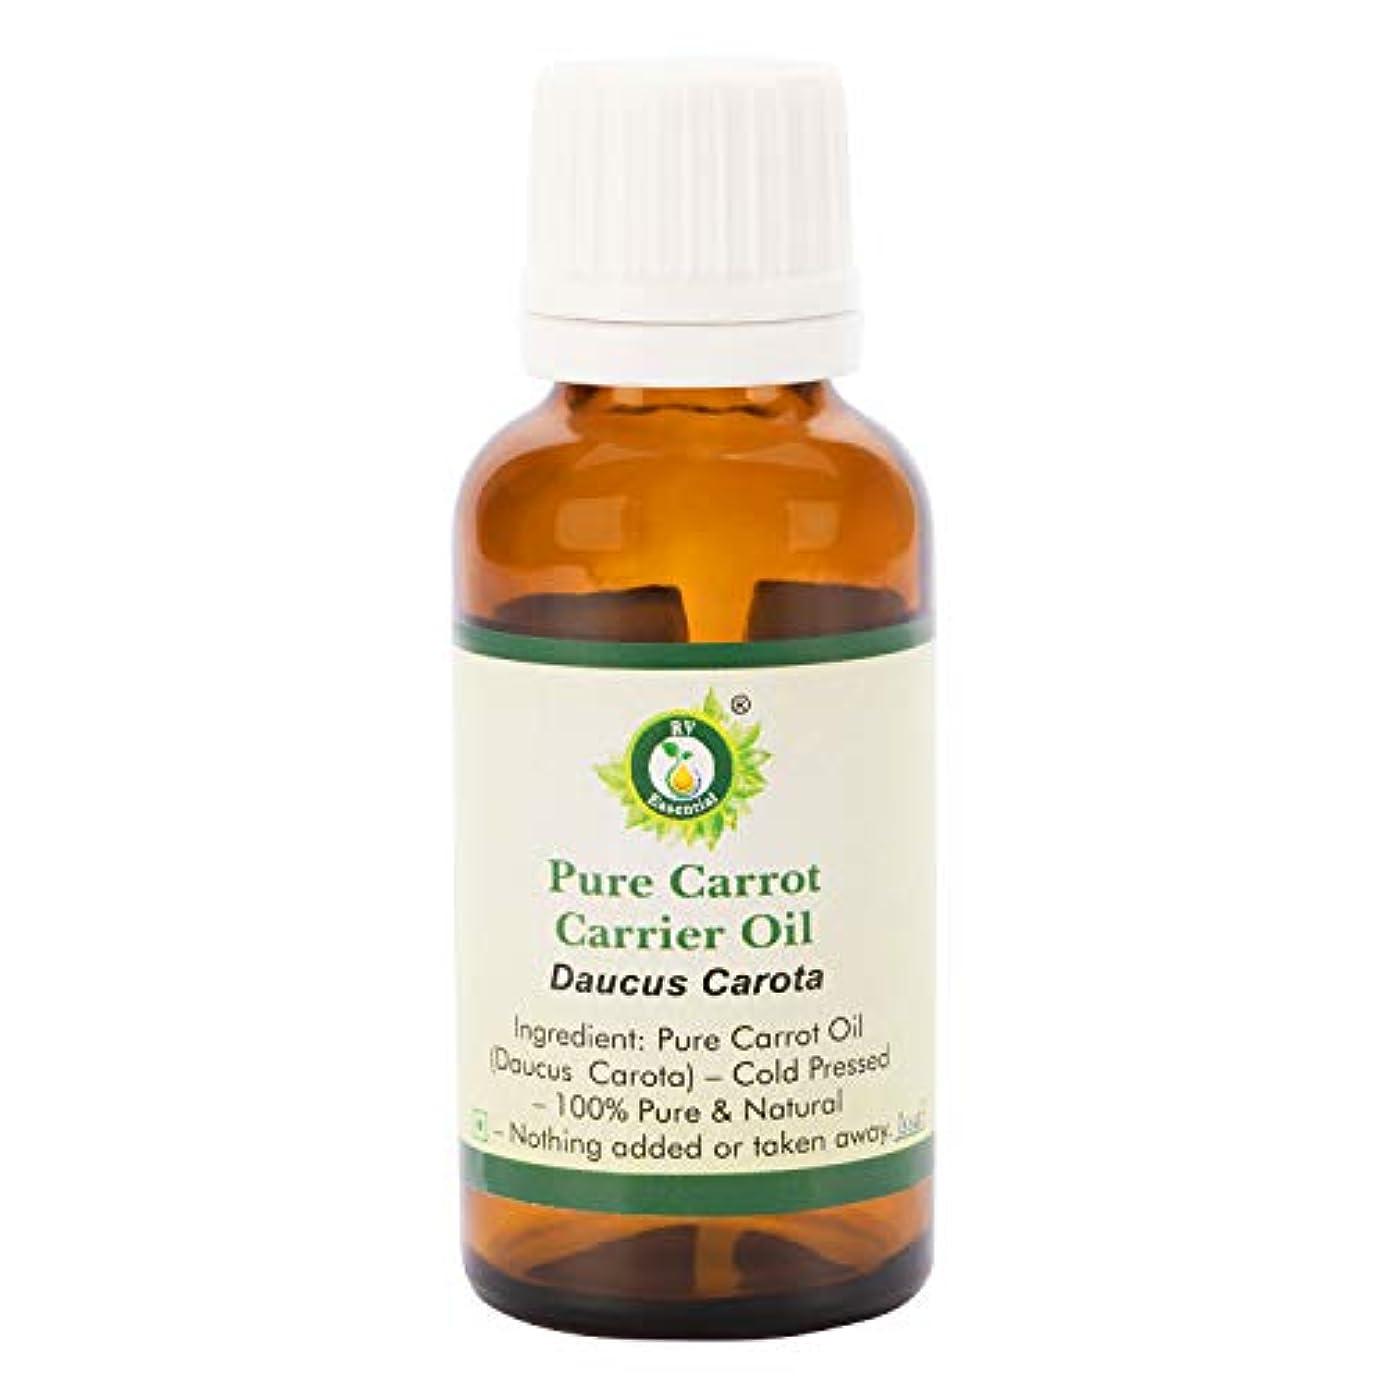 鉛筆取り組む十分にピュアキャロットキャリアオイル100ml (3.38oz)- Daucus Carota (100%ピュア&ナチュラルコールドPressed) Pure Carrot Carrier Oil